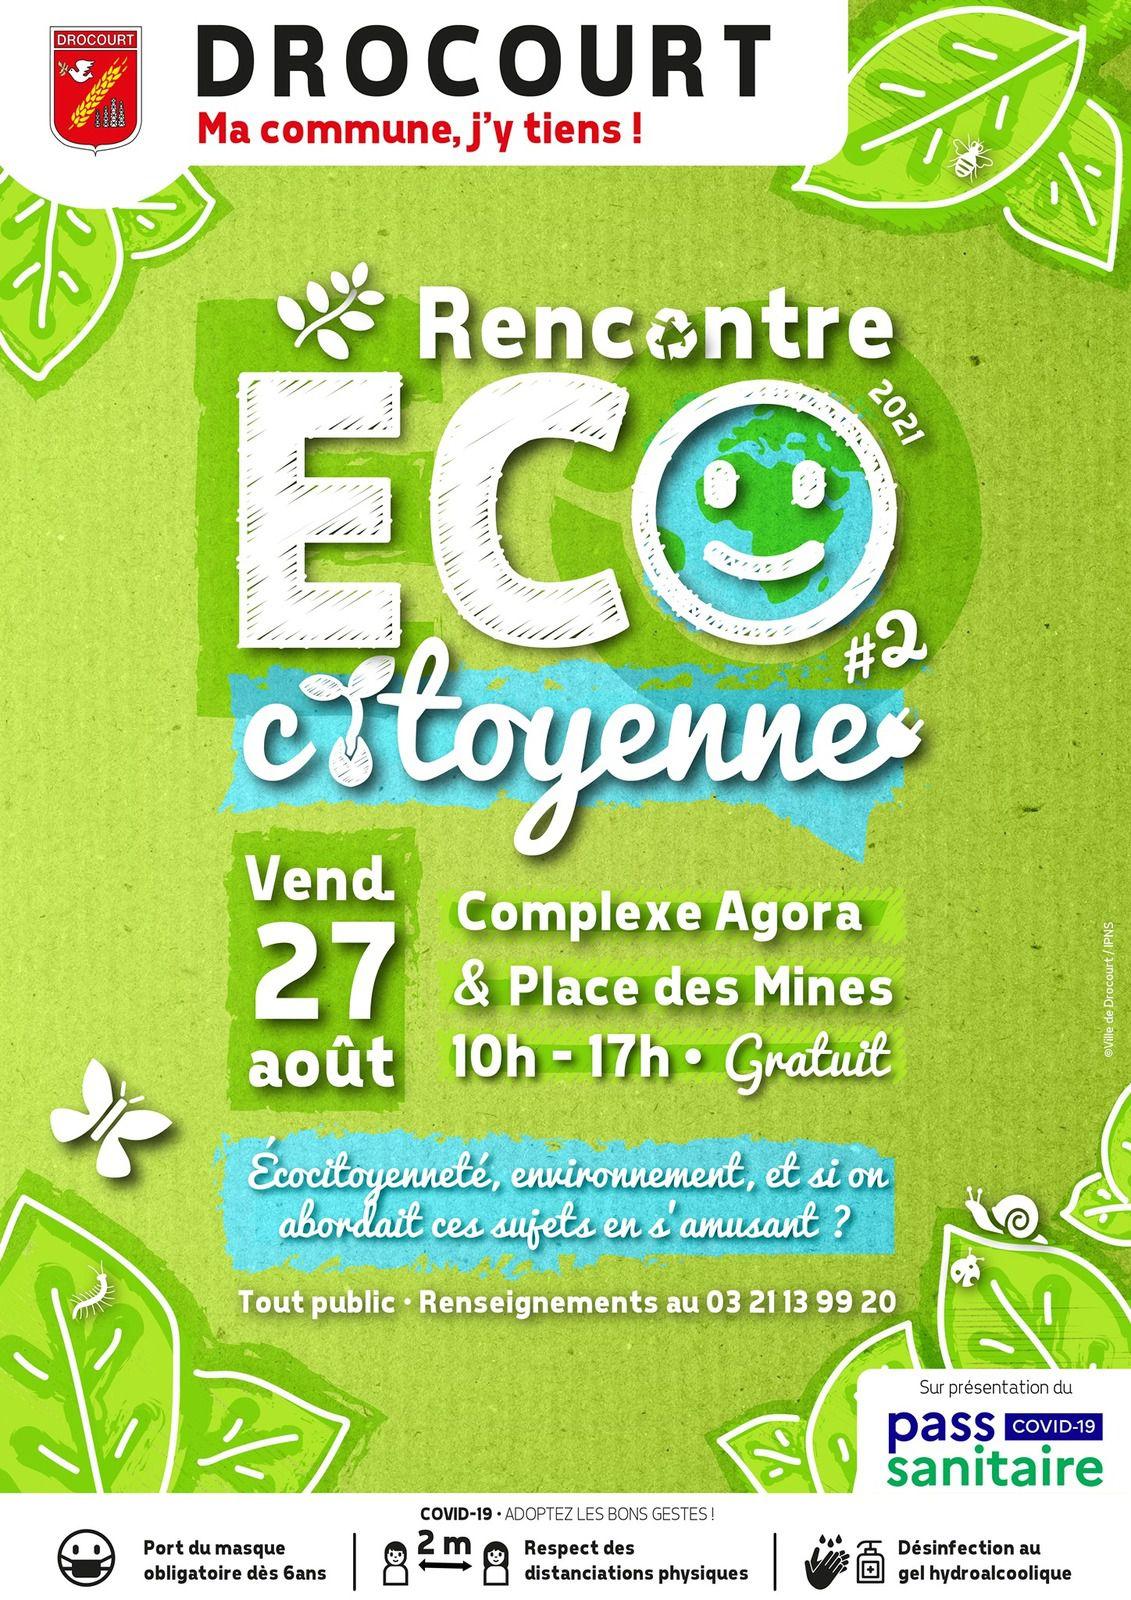 Une rencontre éco-citoyenne à Drocourt le 27 août